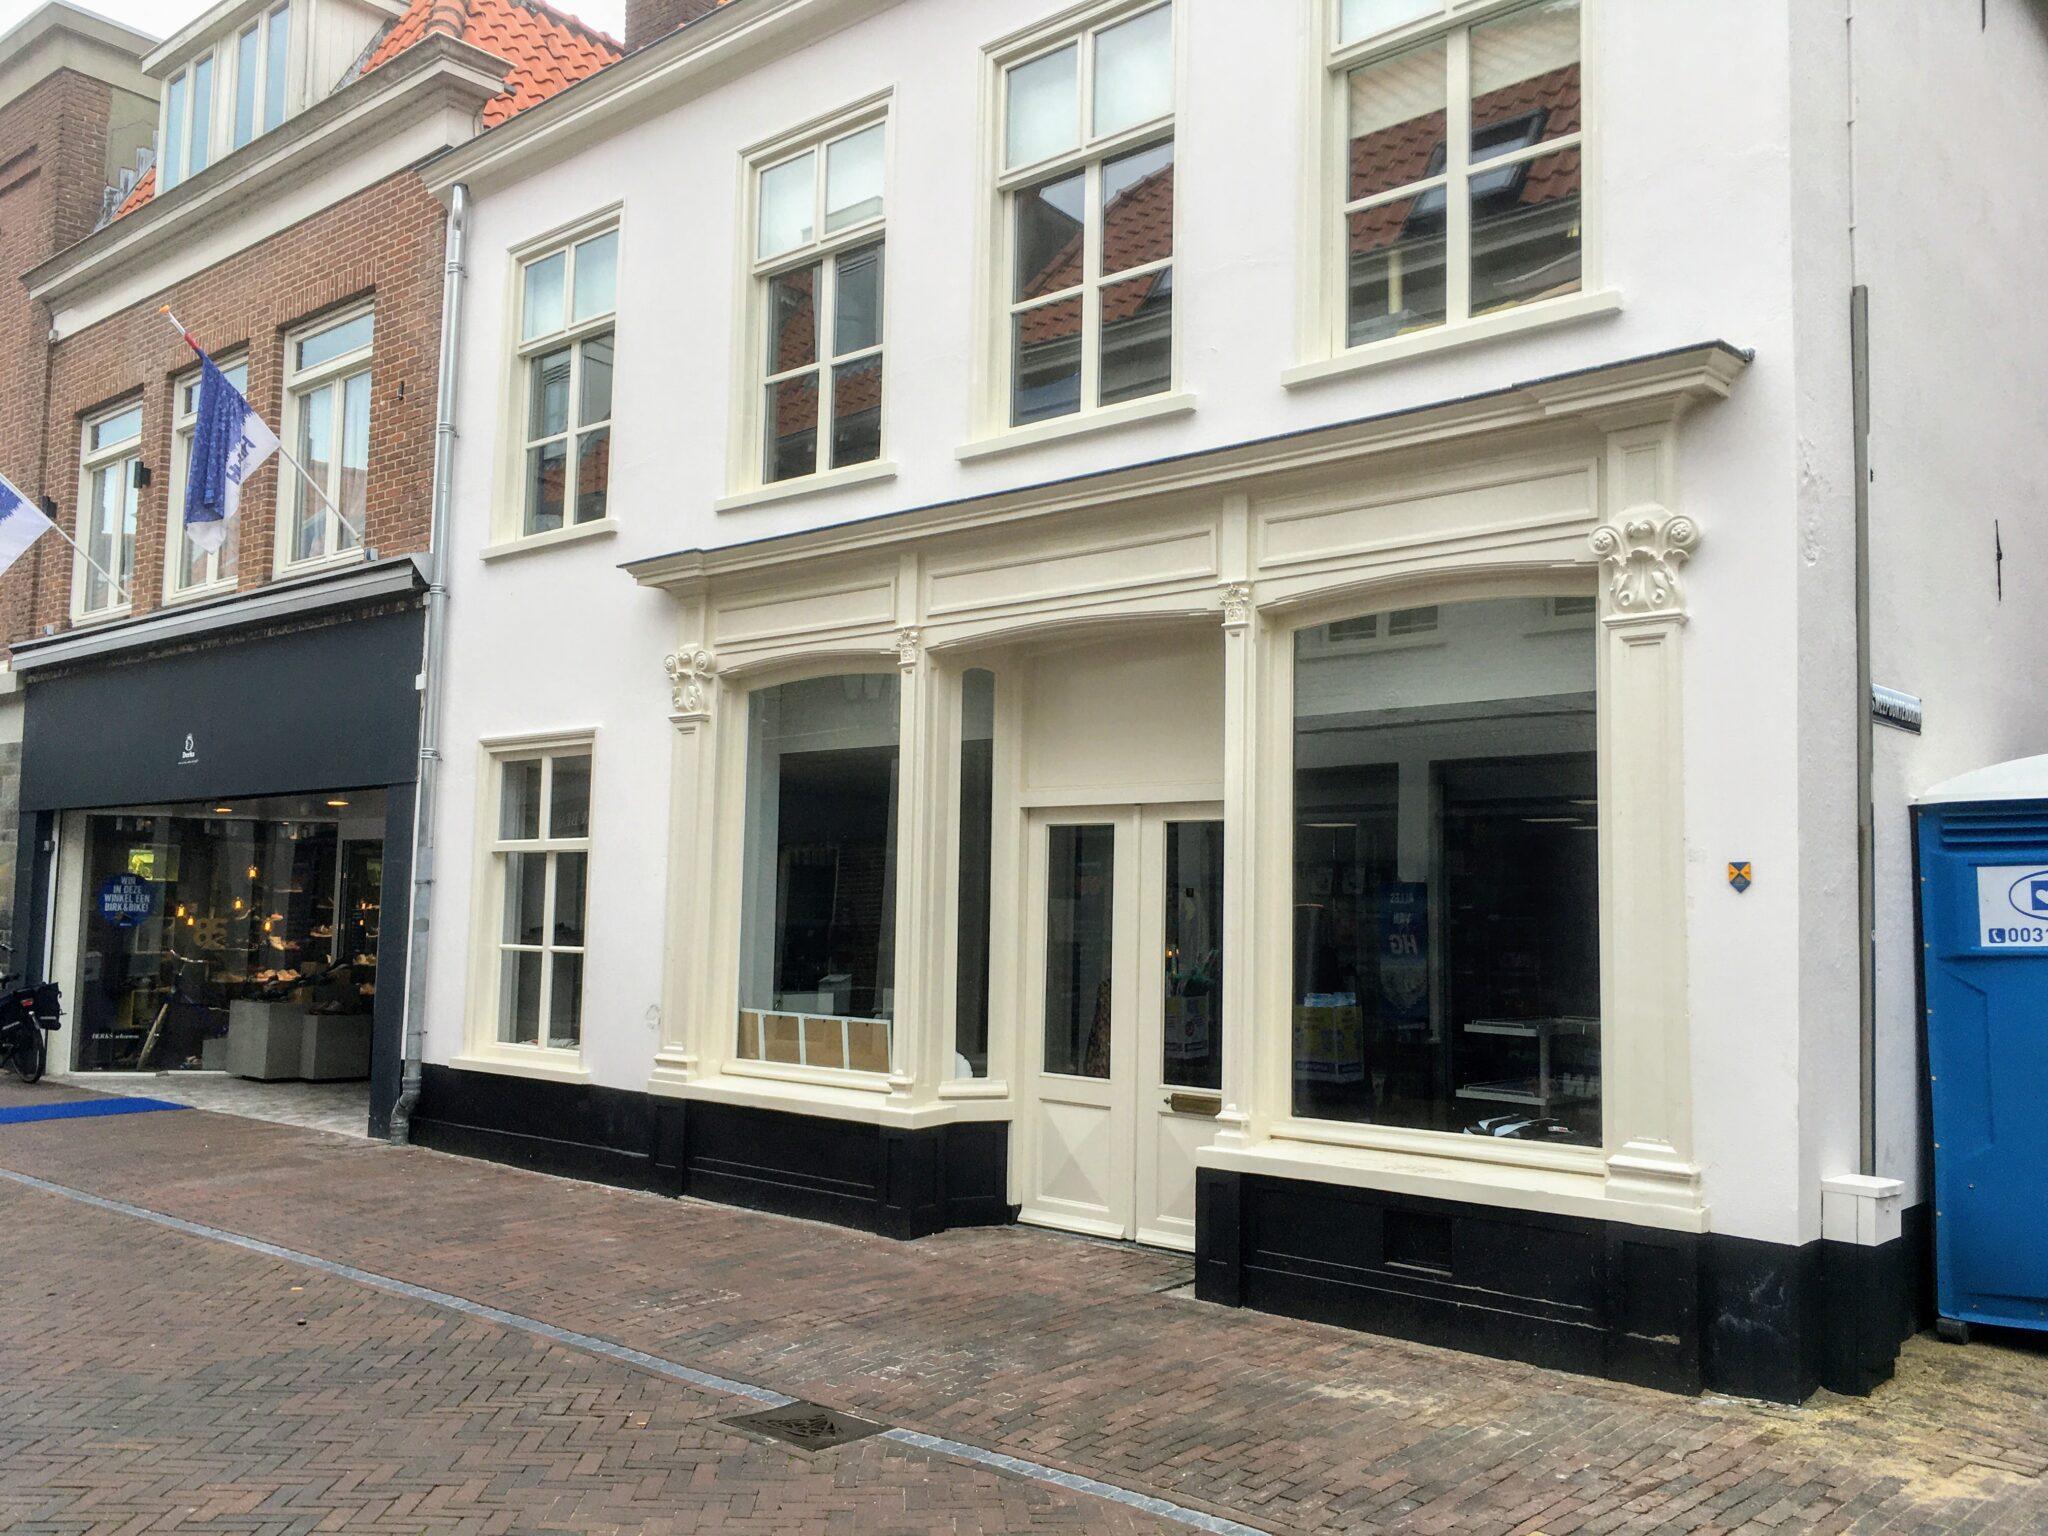 HEMA Outlet in Harderwijk aan Donkerstraat 6